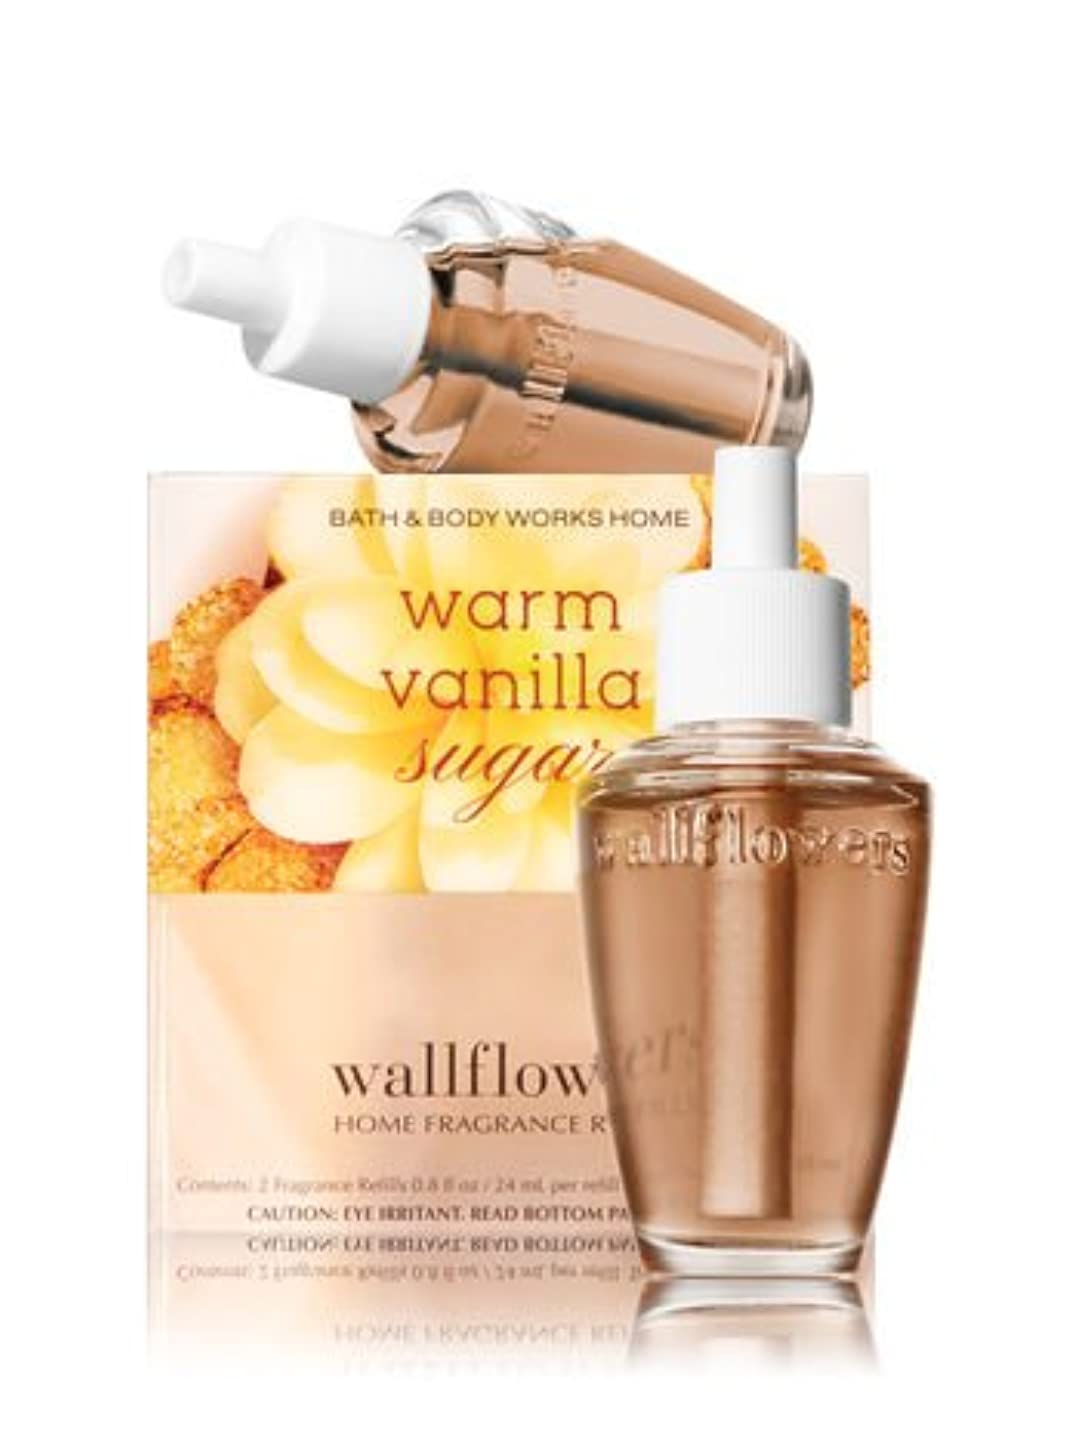 露骨な首謀者なぞらえる【Bath&Body Works/バス&ボディワークス】 ルームフレグランス 詰替えリフィル(2個入り) ウォームバニラシュガー Wallflowers Home Fragrance 2-Pack Refills Warm Vanilla Sugar [並行輸入品]